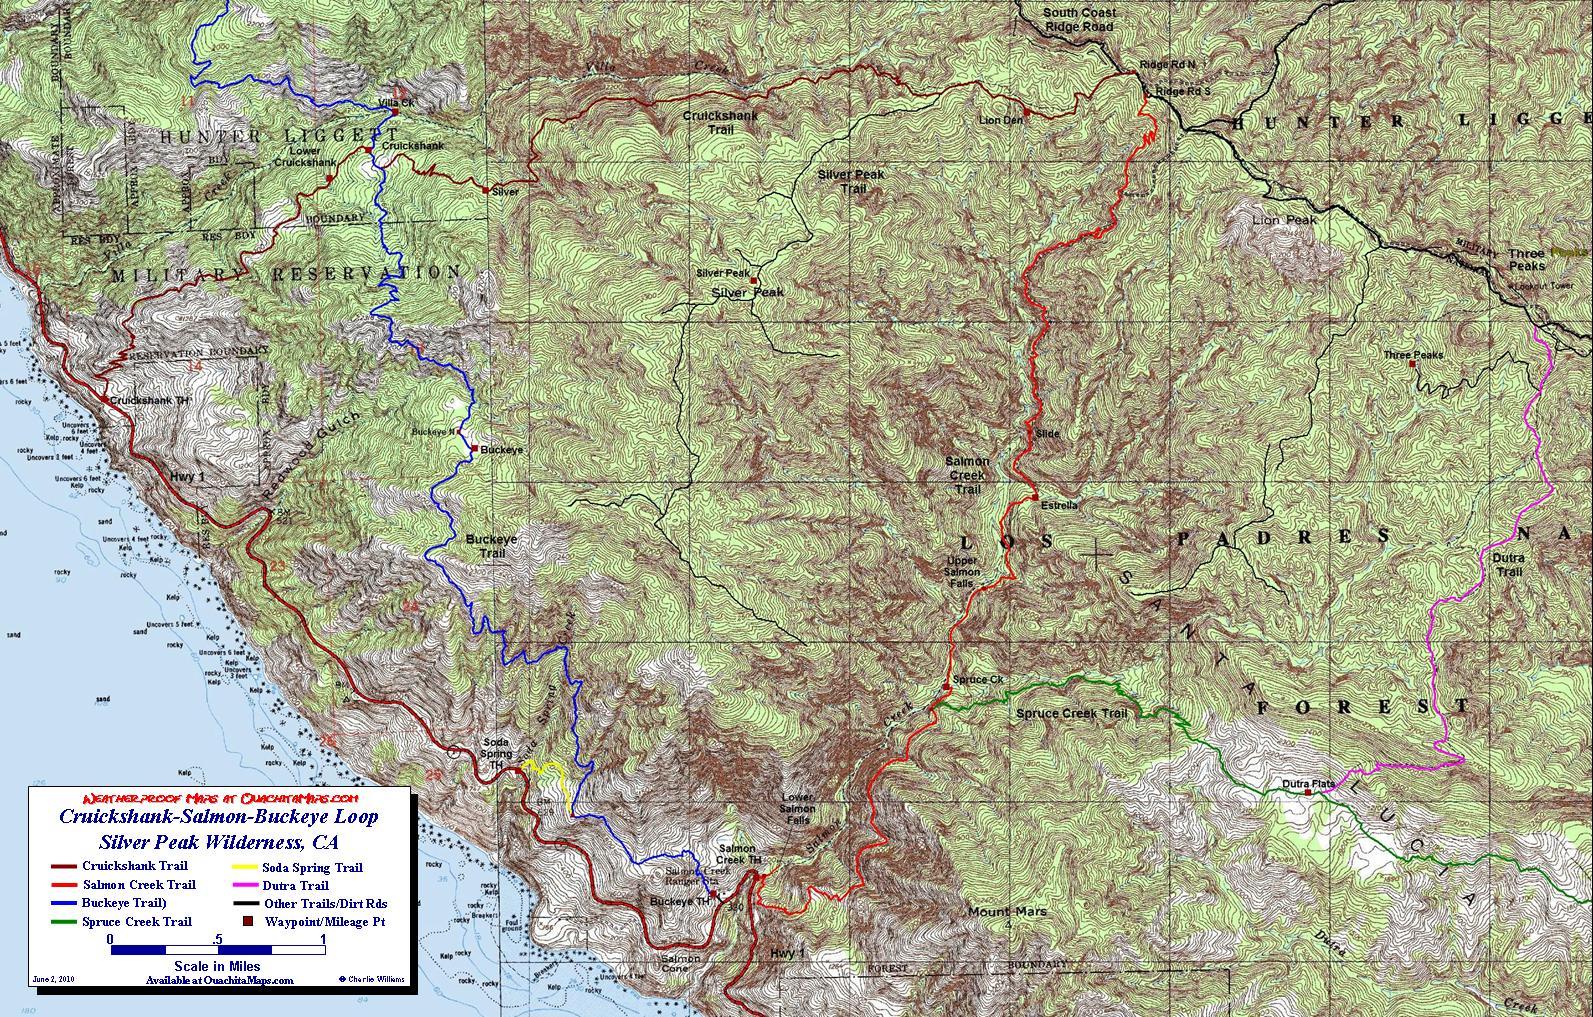 cruickshank salmon buckeye loop trail silver peak wilderness